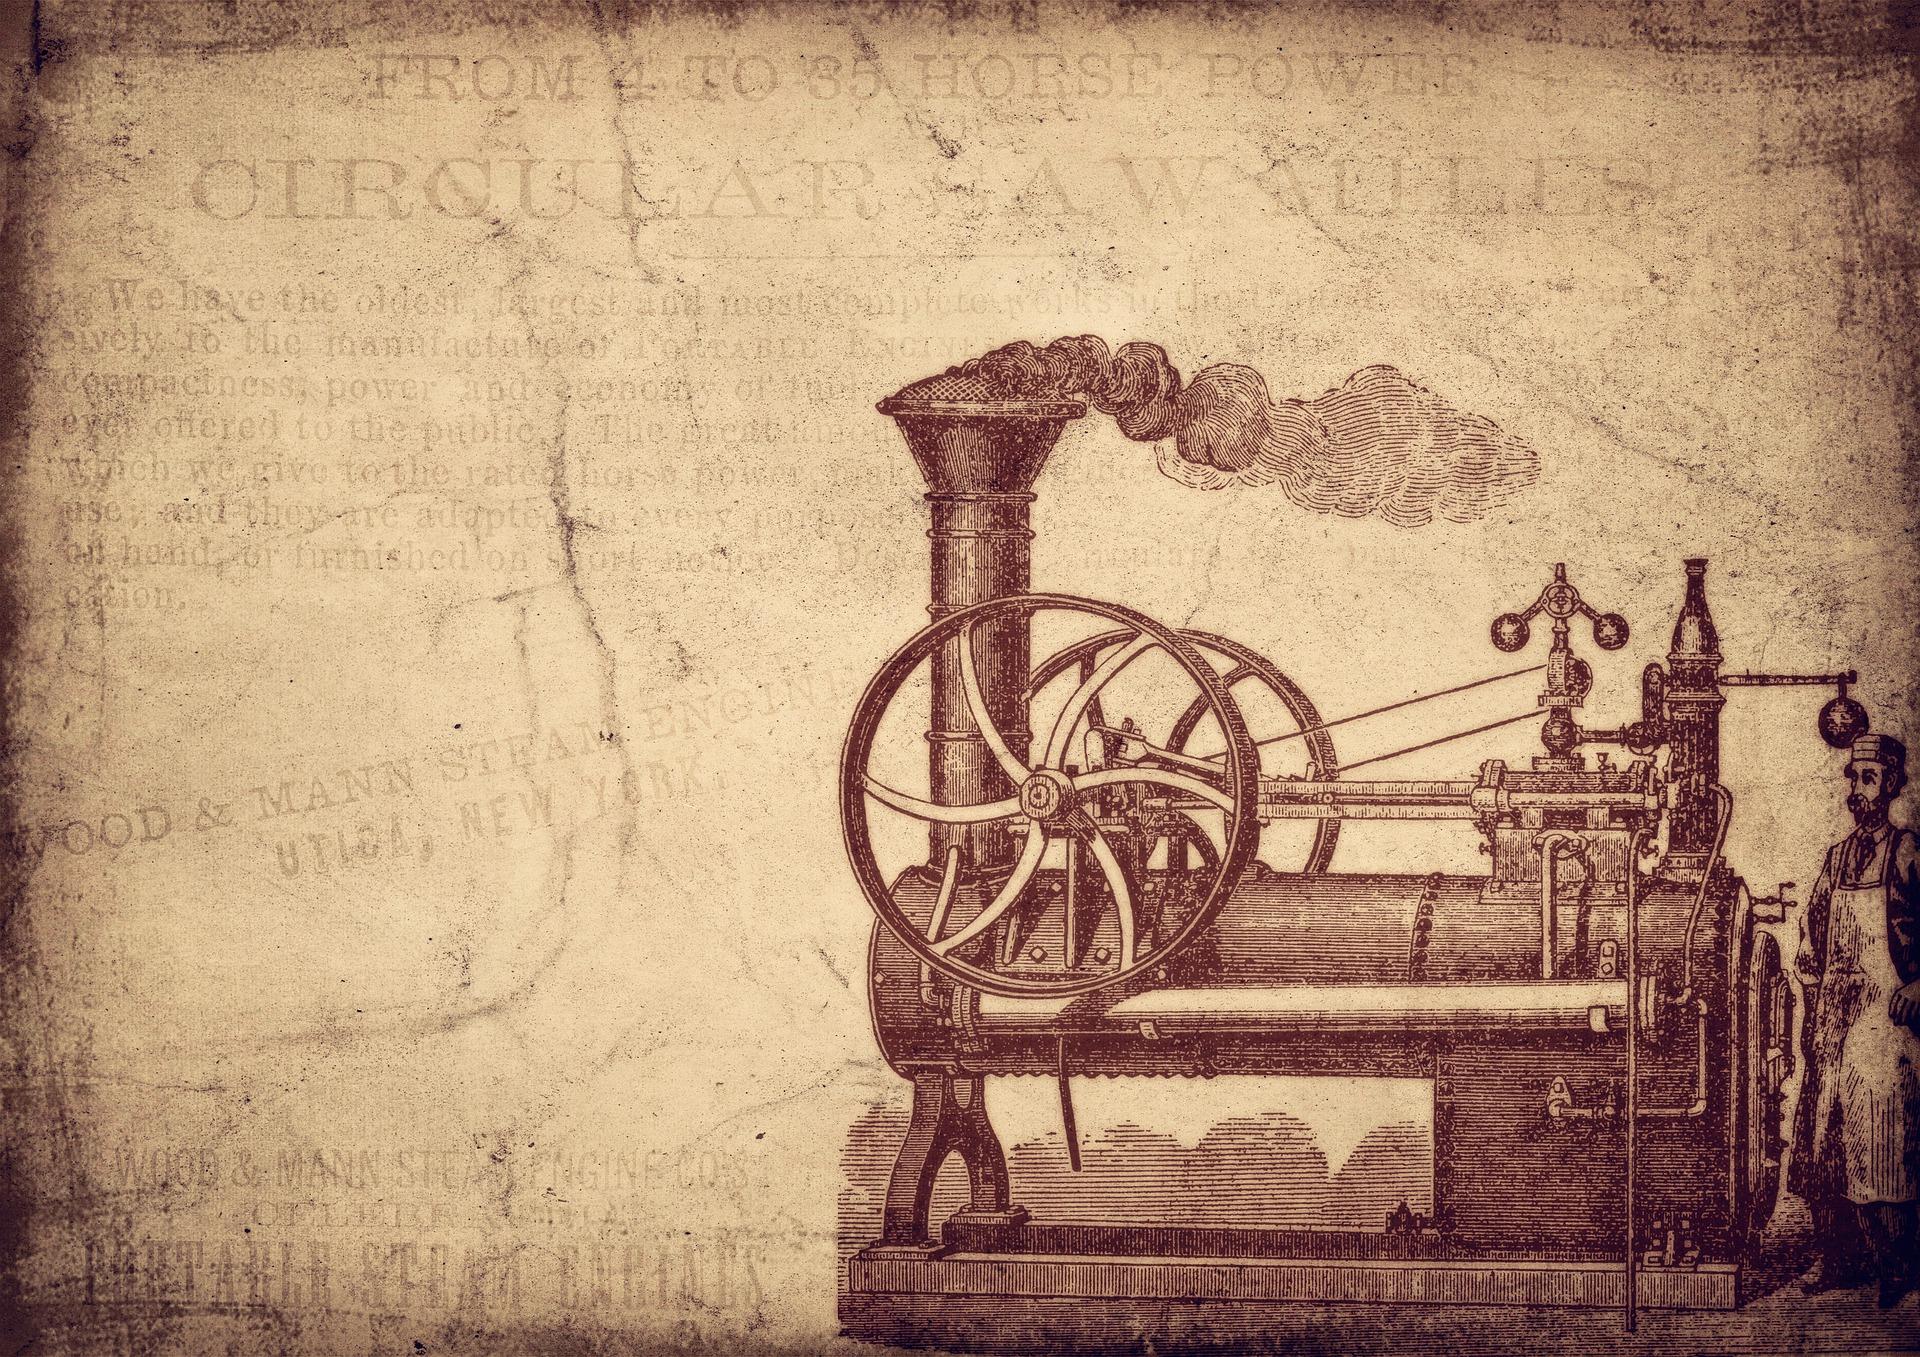 Sejarah Revolusi Industri 1.0